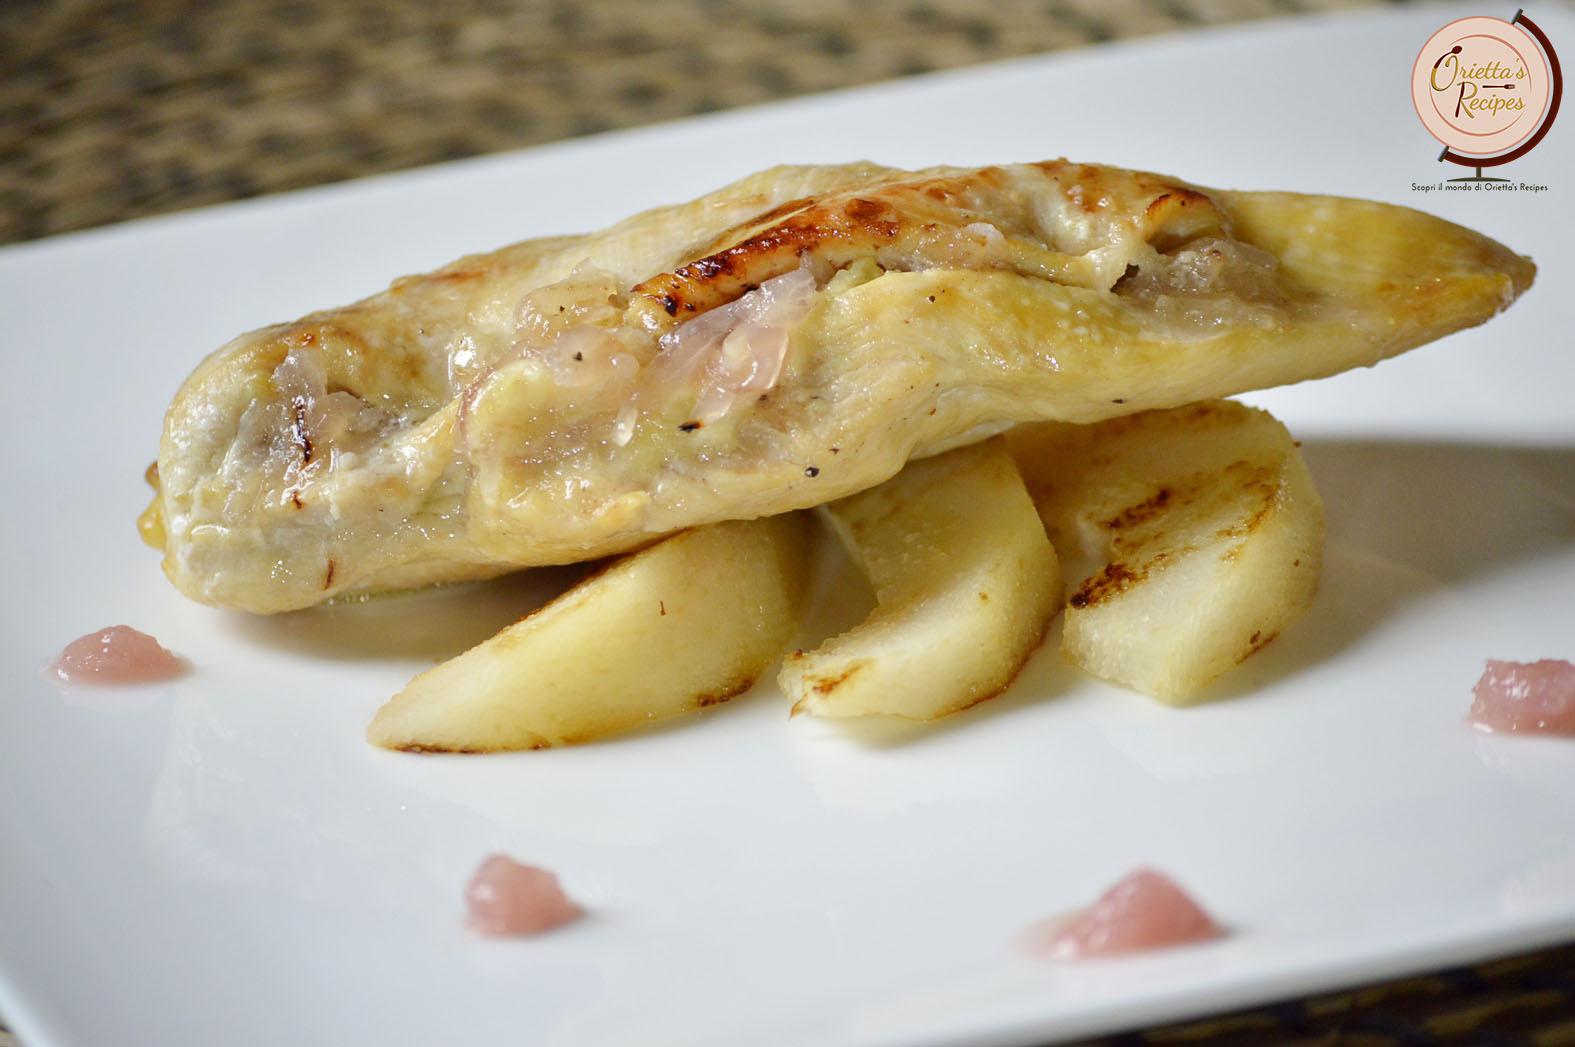 Oriettas Recipes Petto Di Pollo Farcito Con Pecorino Fior Di